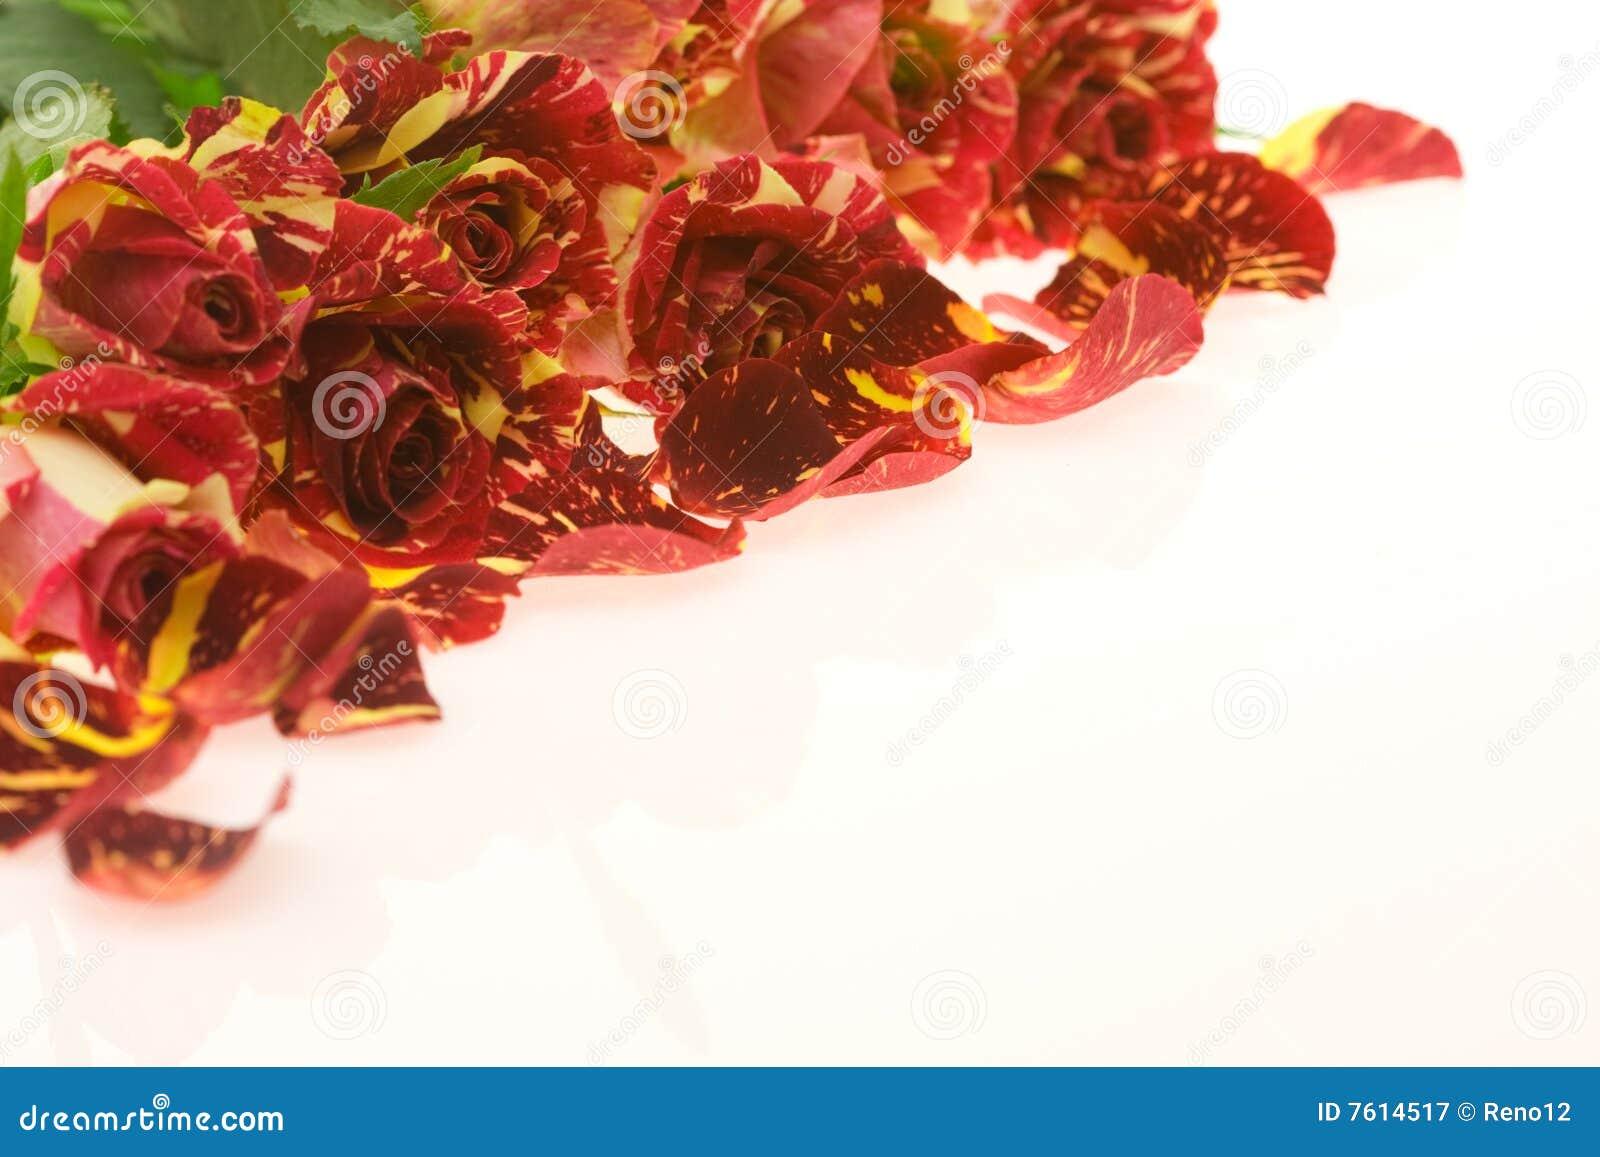 嫉妒爱激情玫瑰